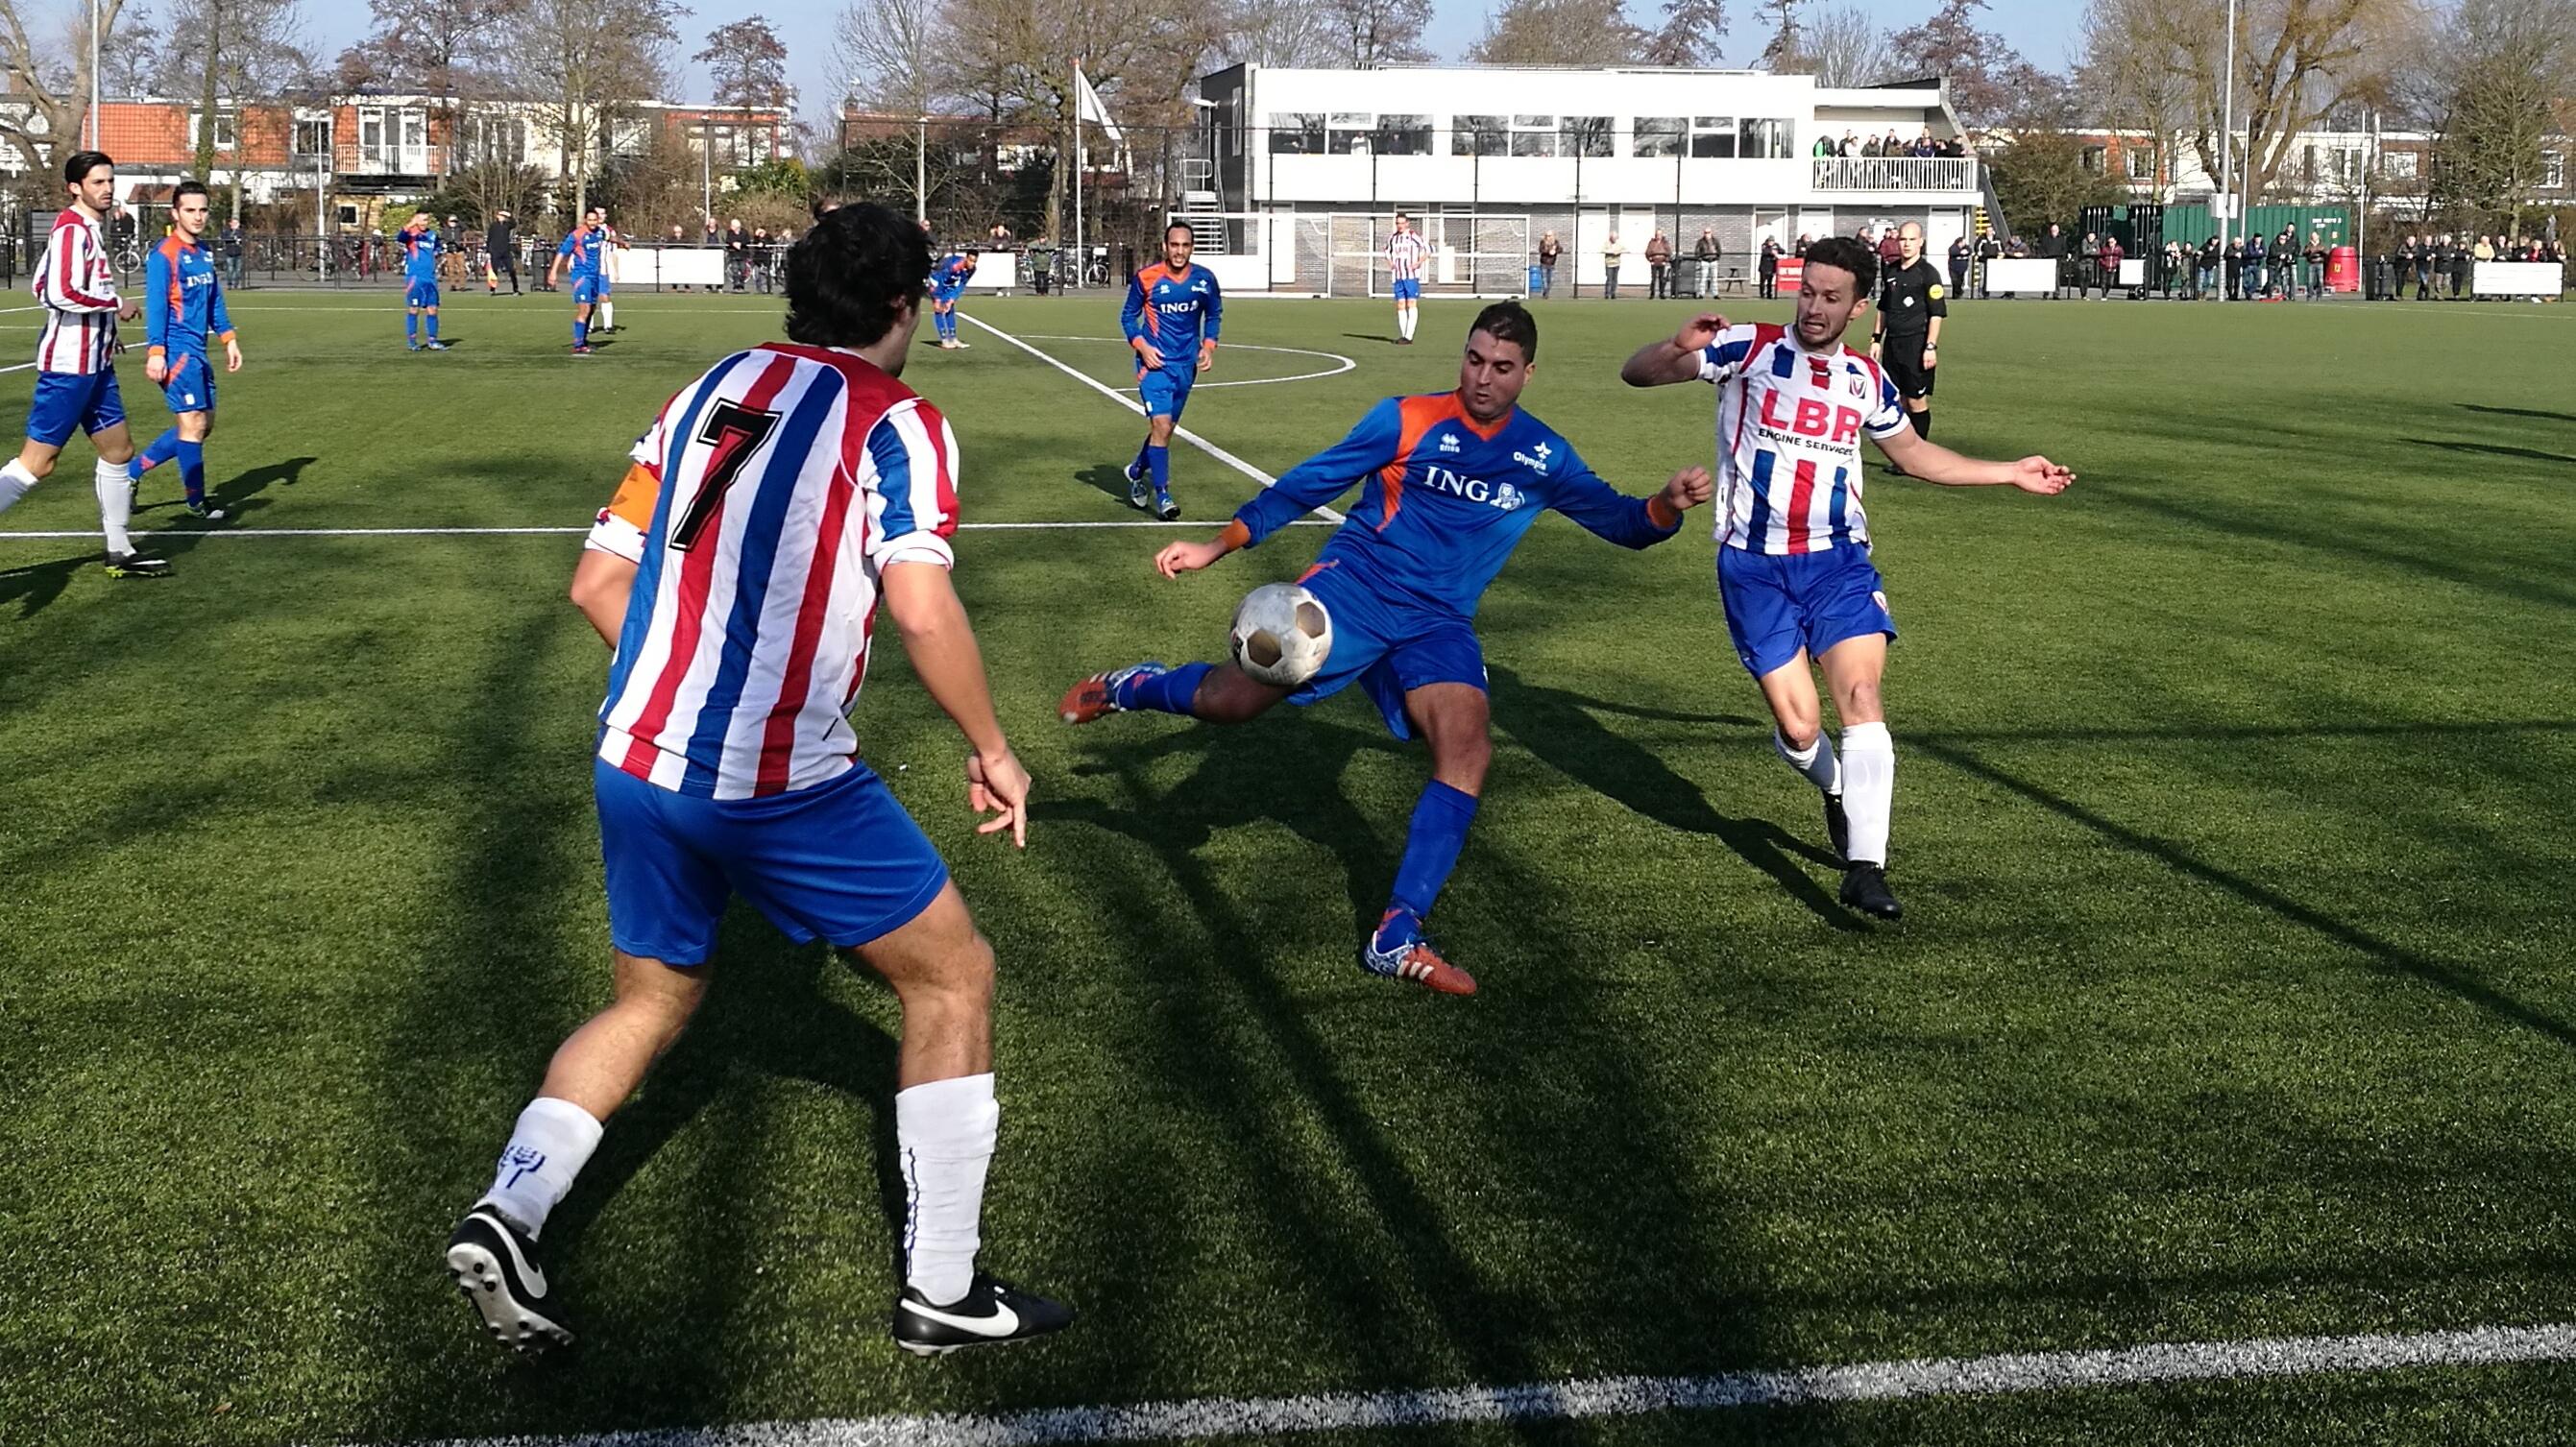 VVH - Olympia - Voetbal in Haarlem